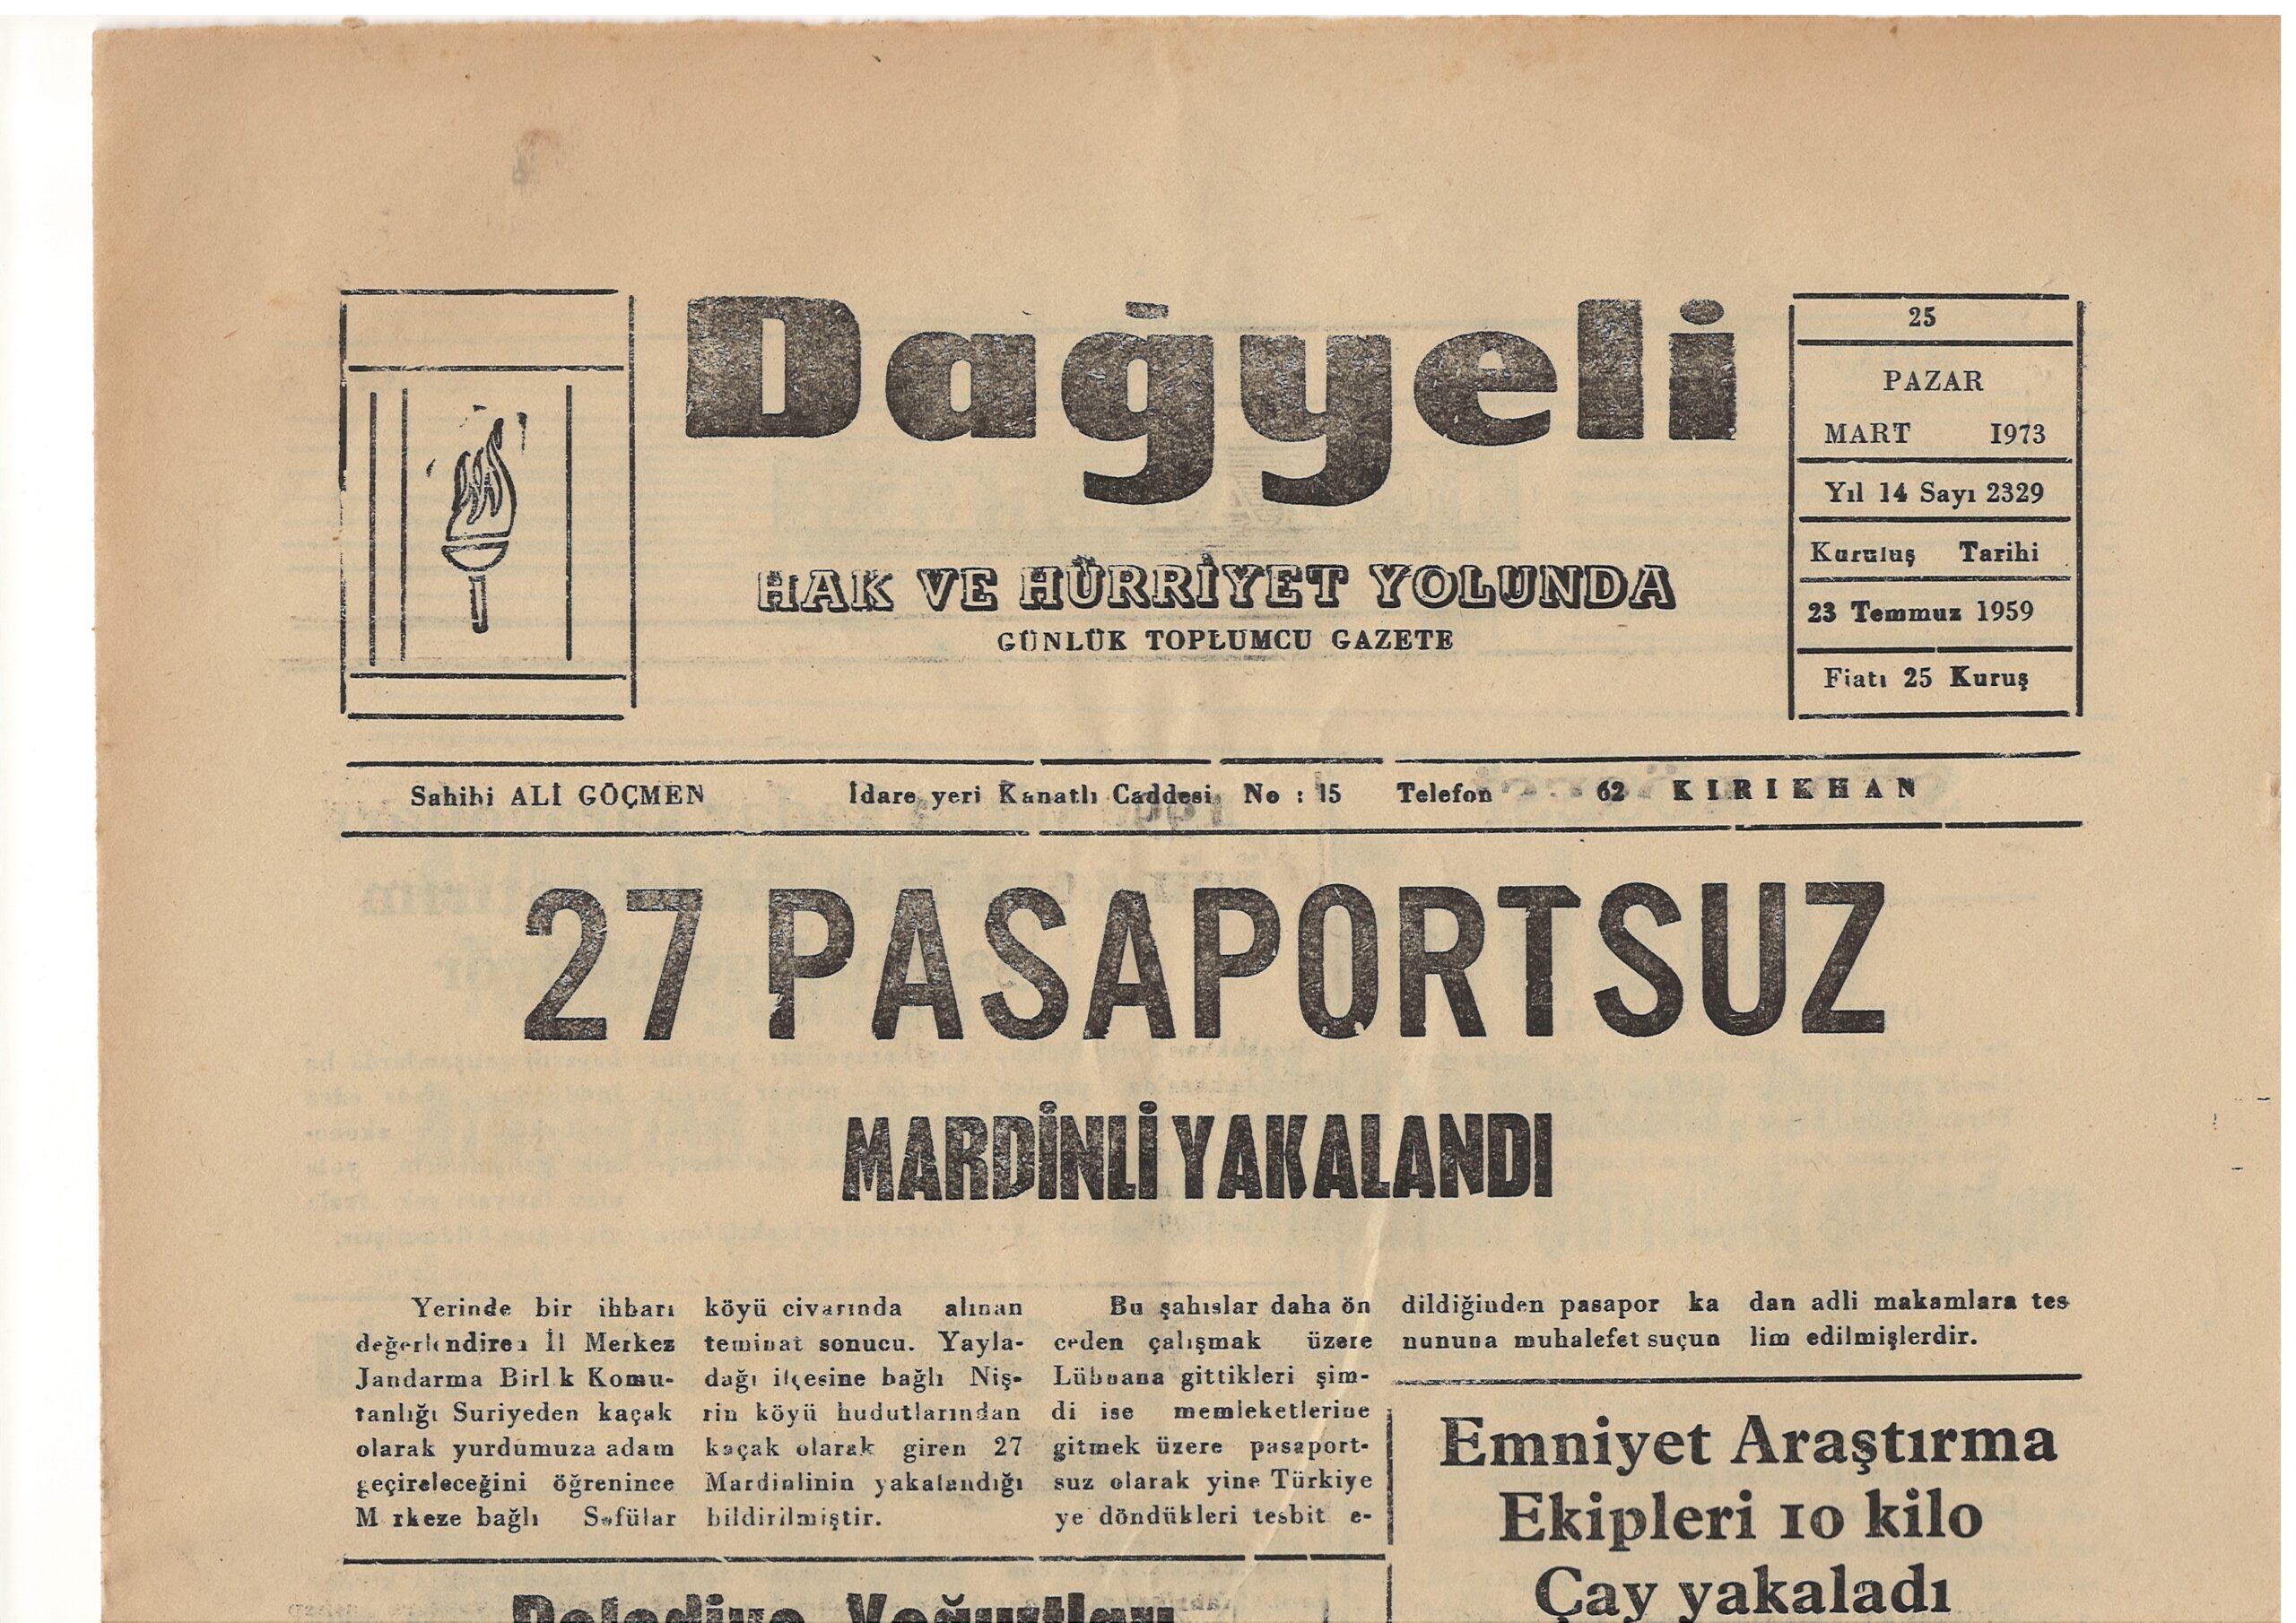 Hatay, Kırıkhan, Dağyeli Gazetesi, 25 Mart 1973